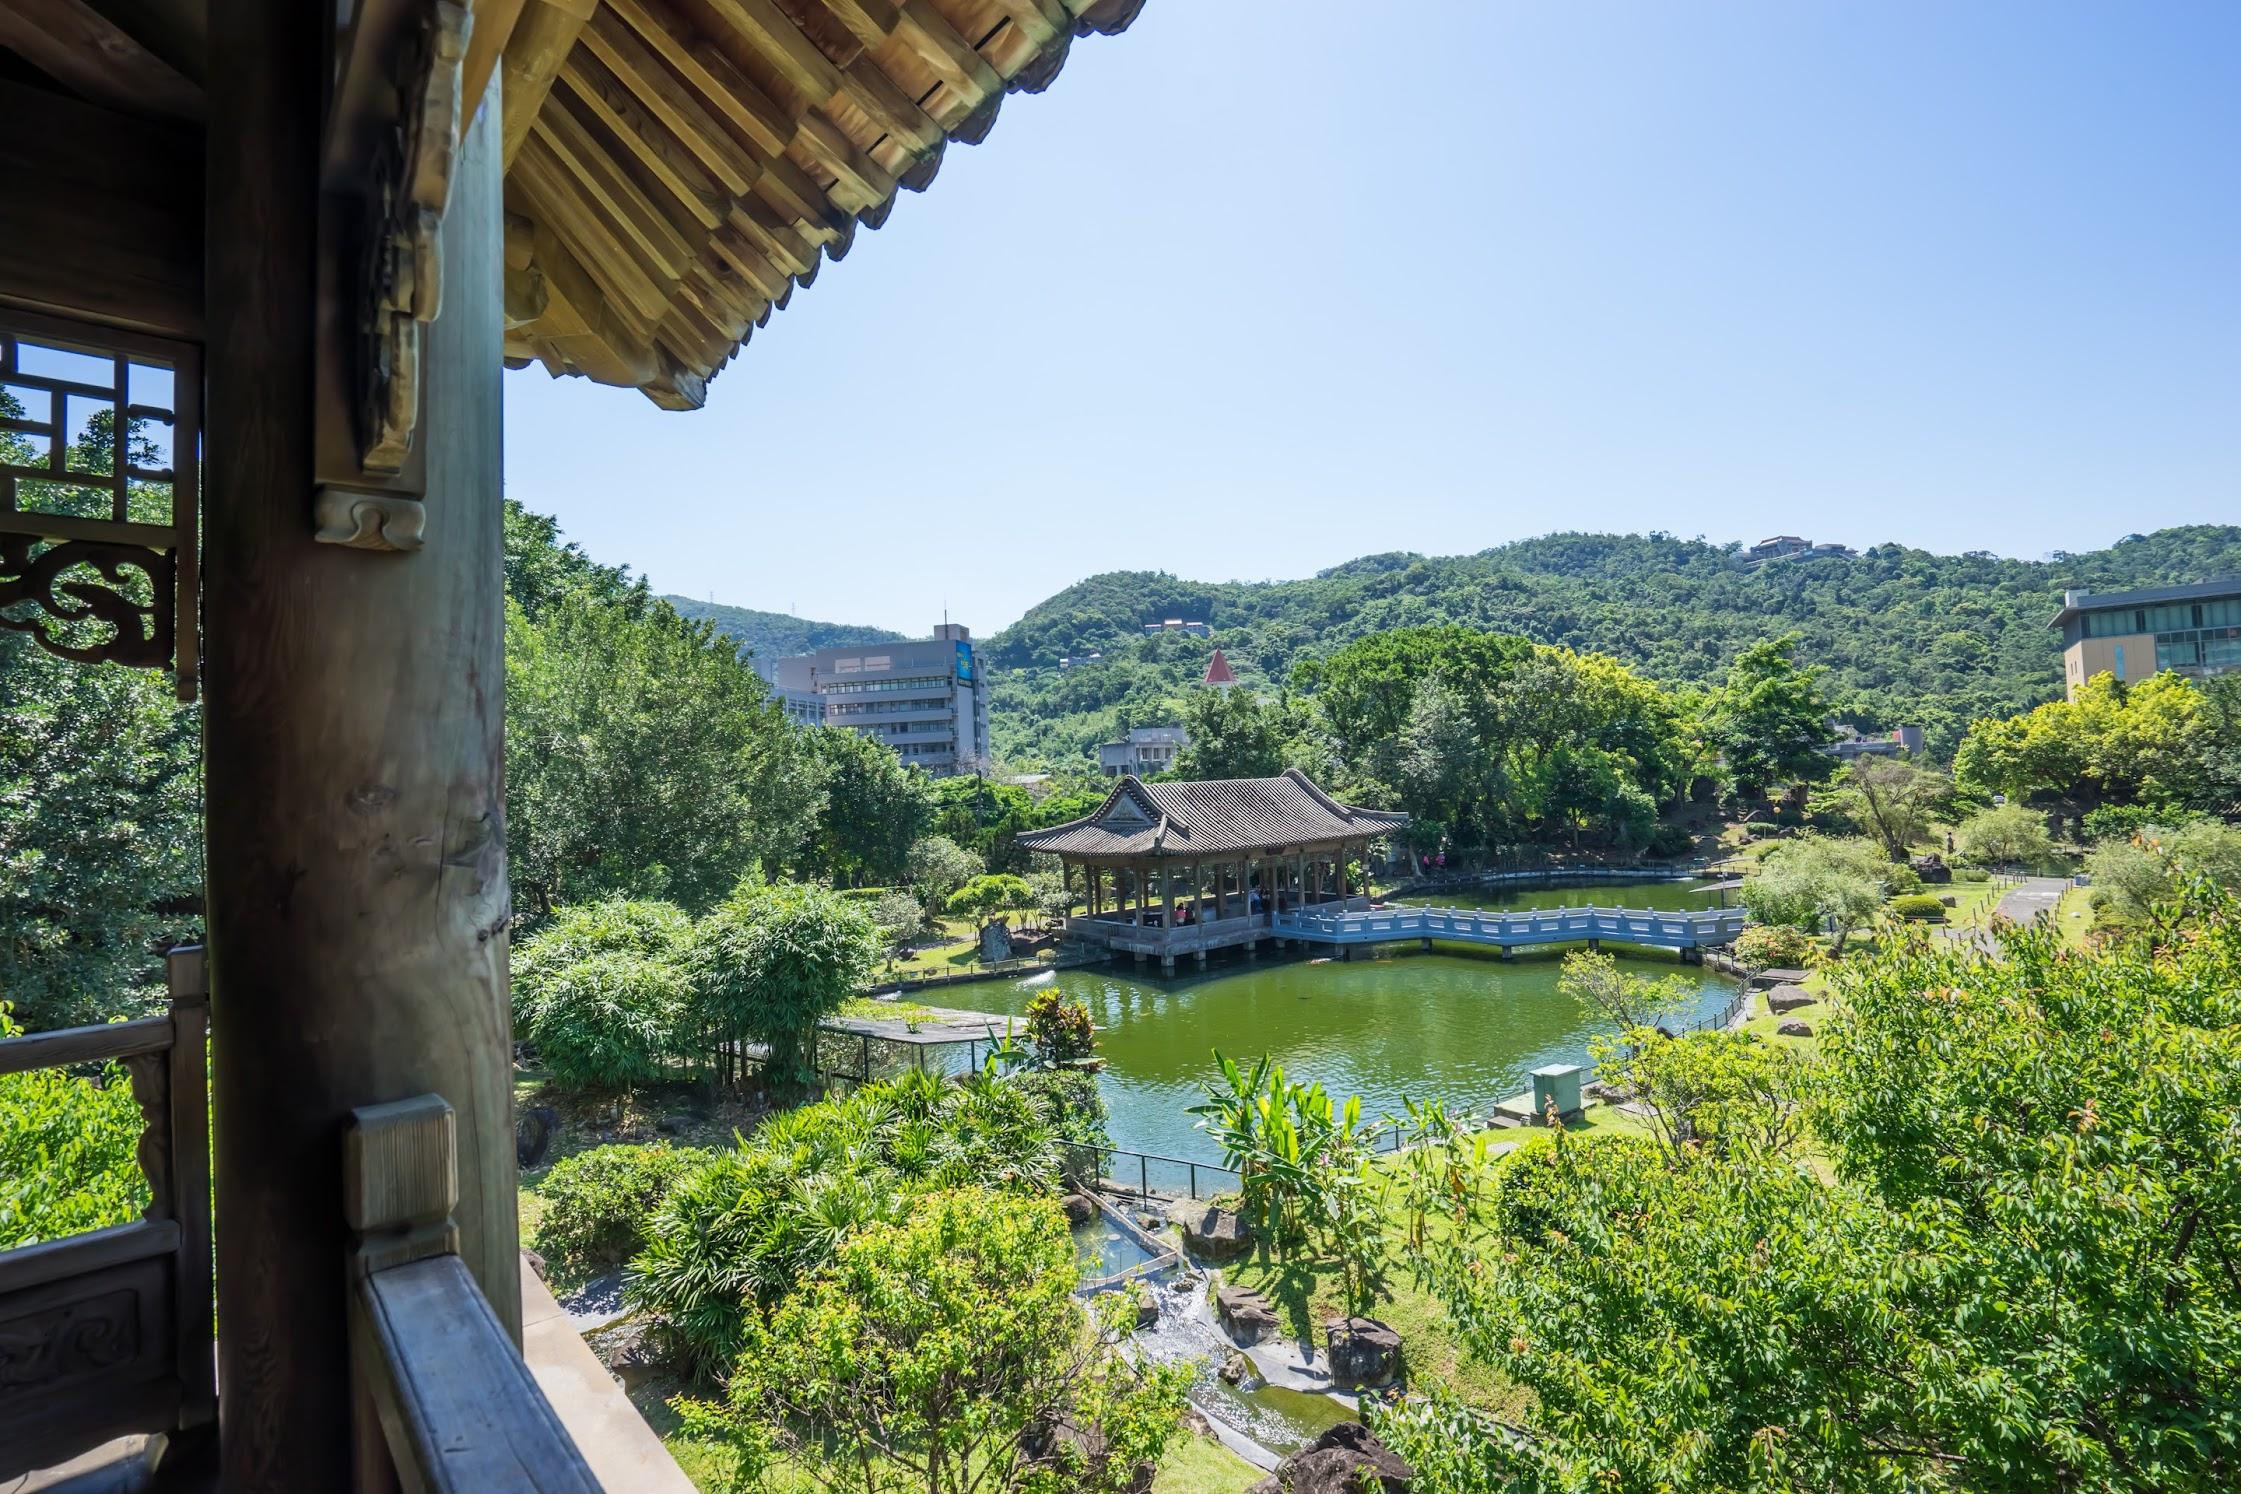 National Palace Museum Zhishan Garden3